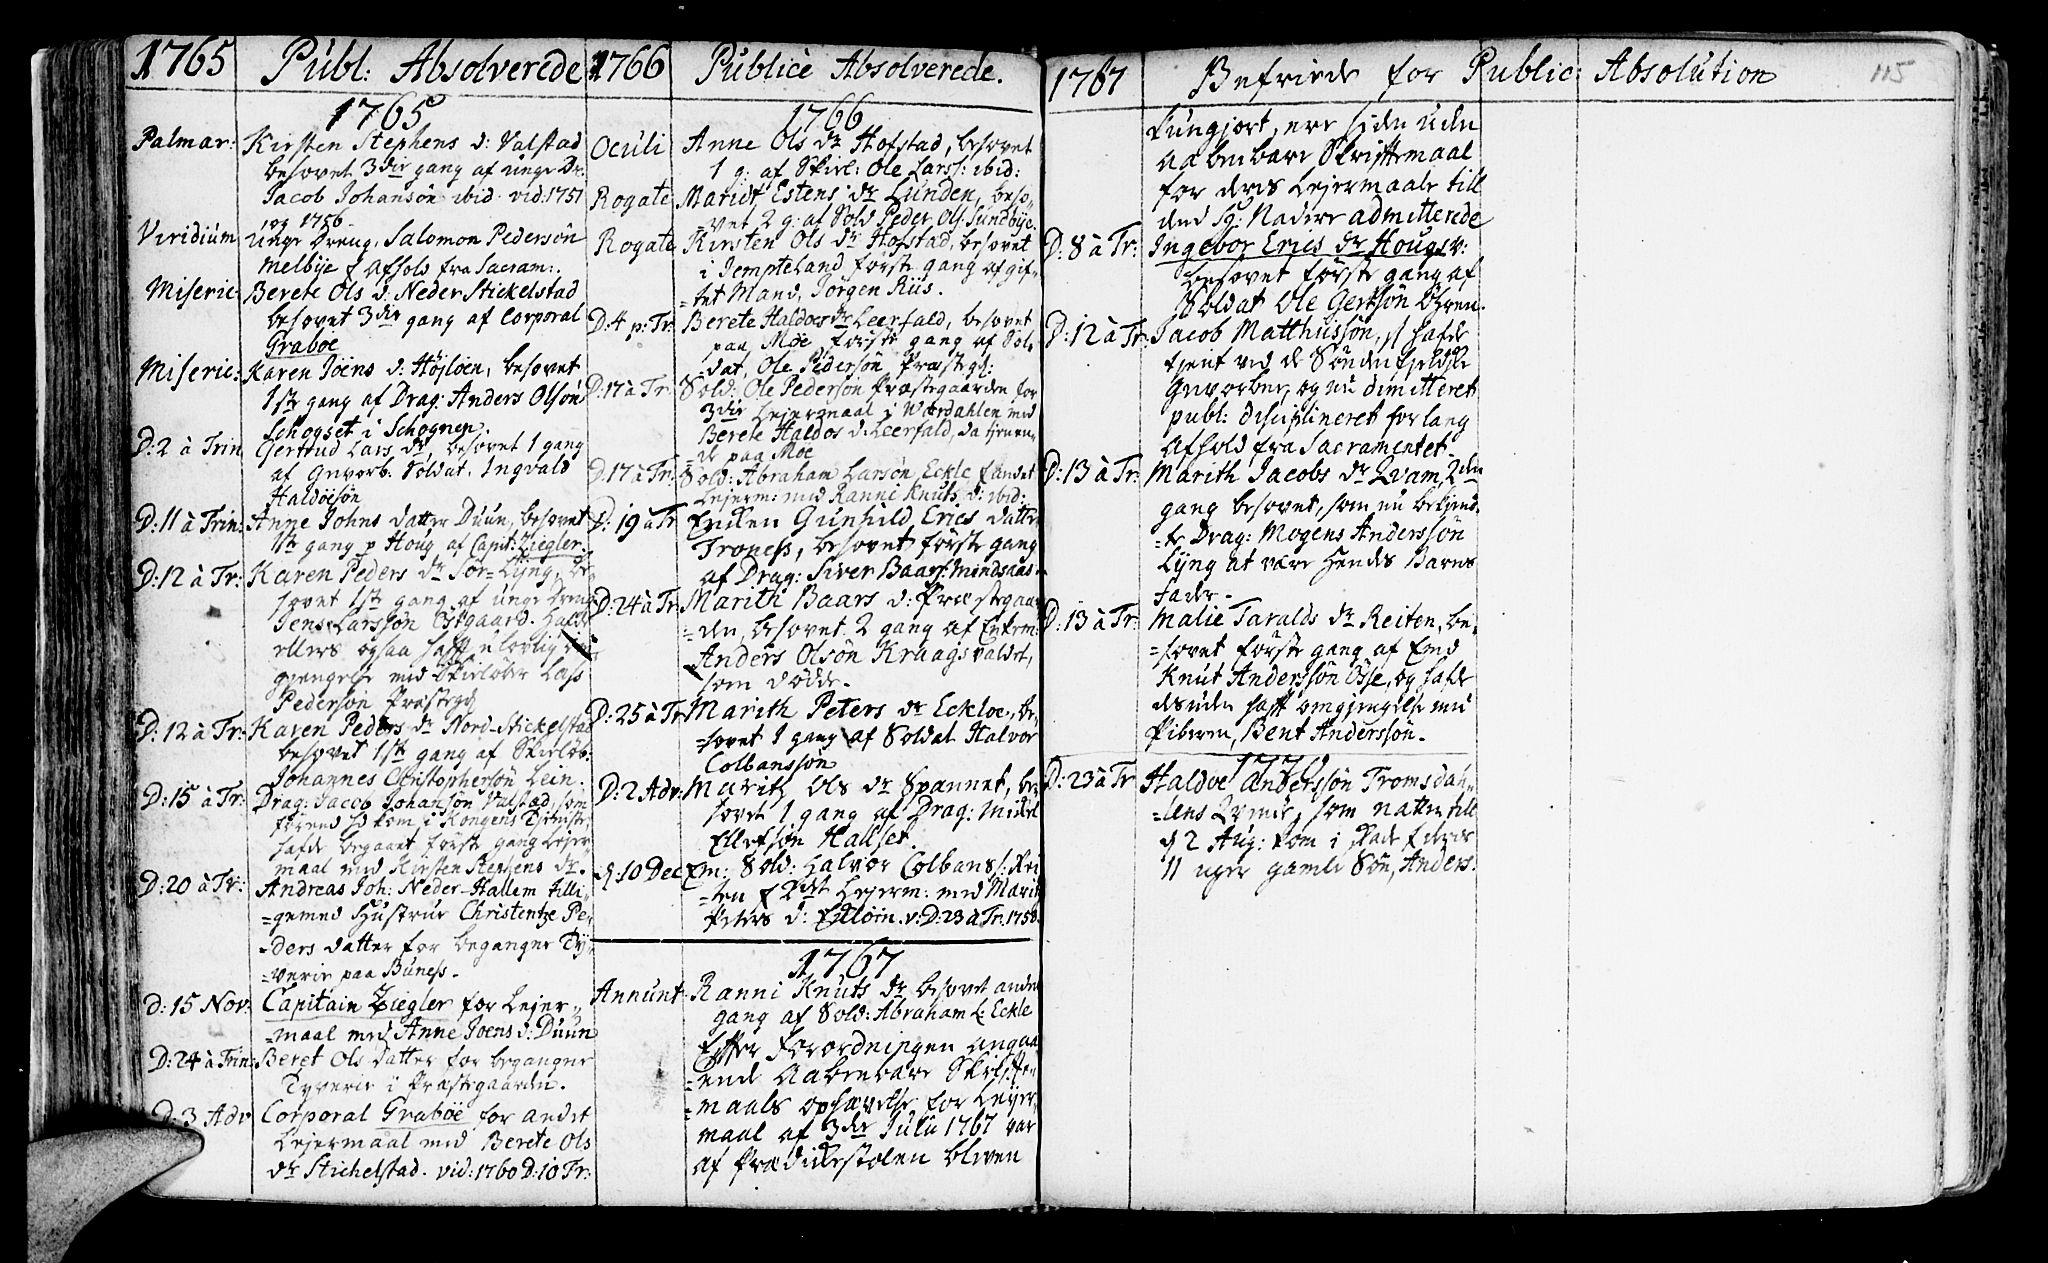 SAT, Ministerialprotokoller, klokkerbøker og fødselsregistre - Nord-Trøndelag, 723/L0231: Ministerialbok nr. 723A02, 1748-1780, s. 115